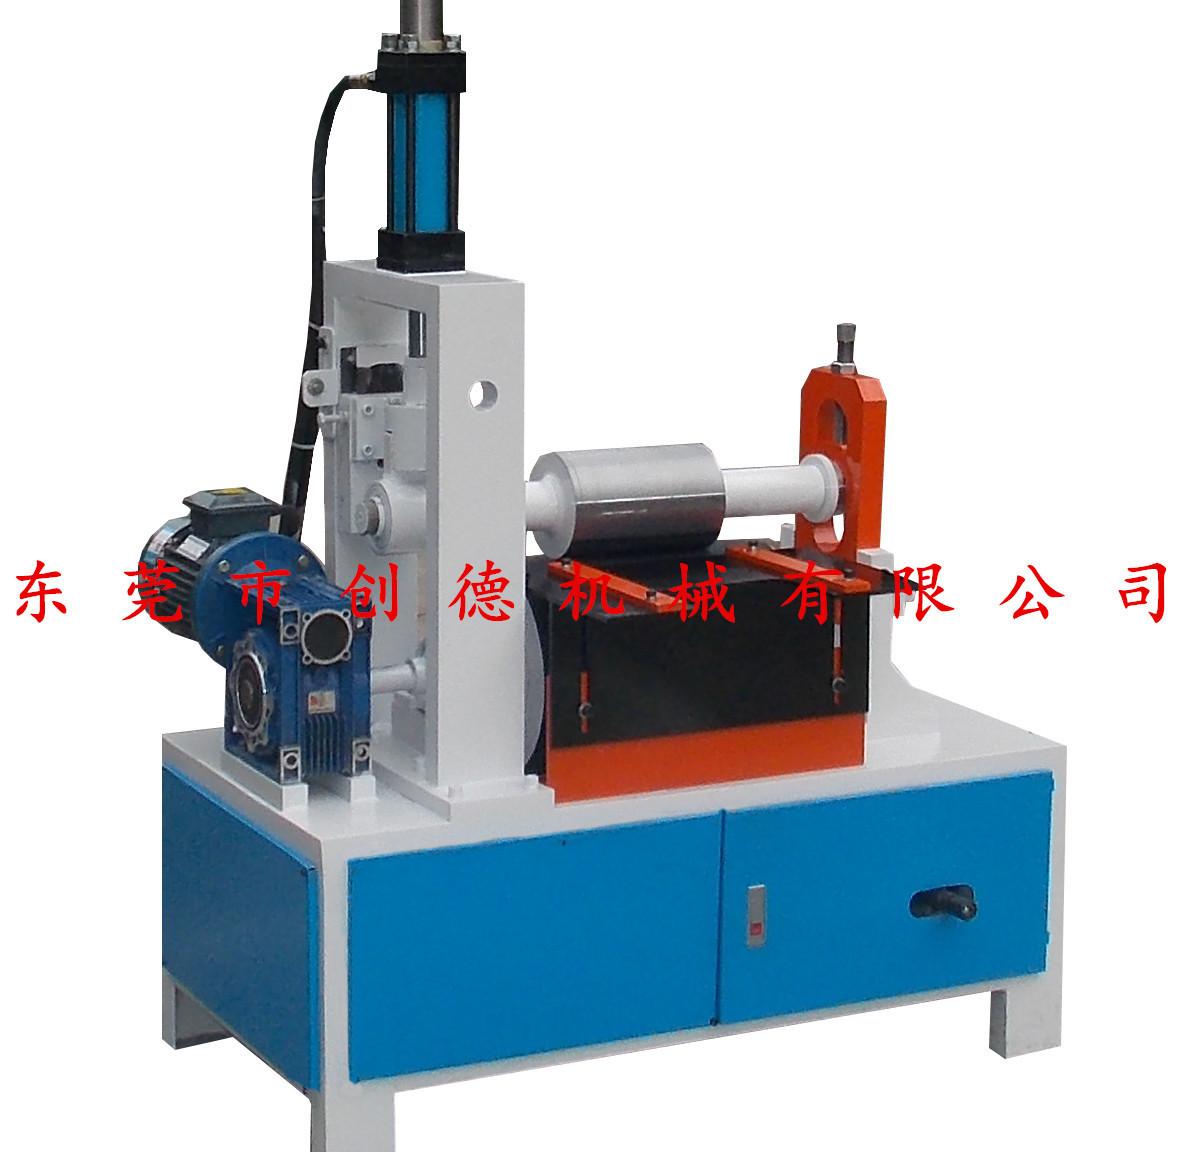 长圣液压自动卷圆机 二辊自动滚圆机 多功能卷圆机厂家